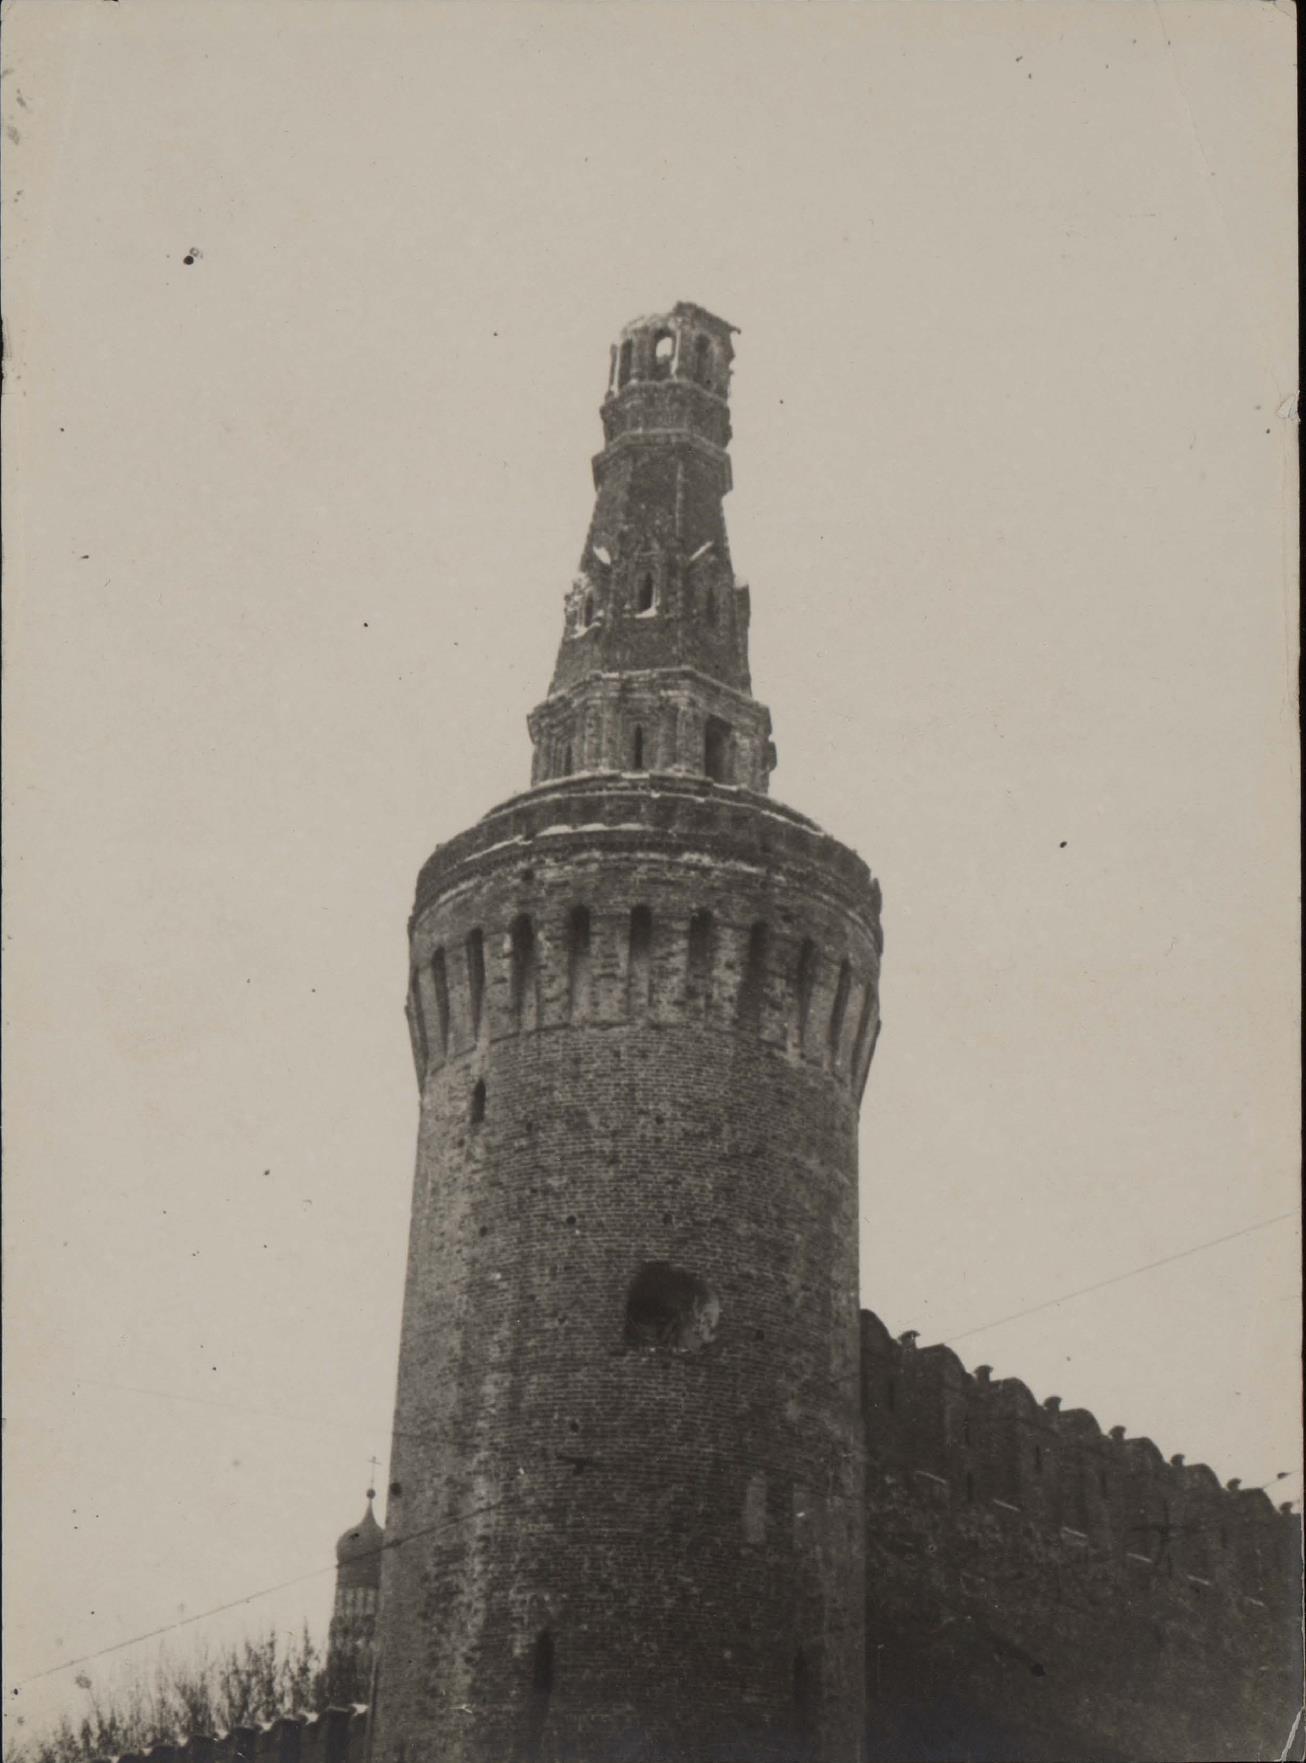 04. Разрушенная башня в Кремле